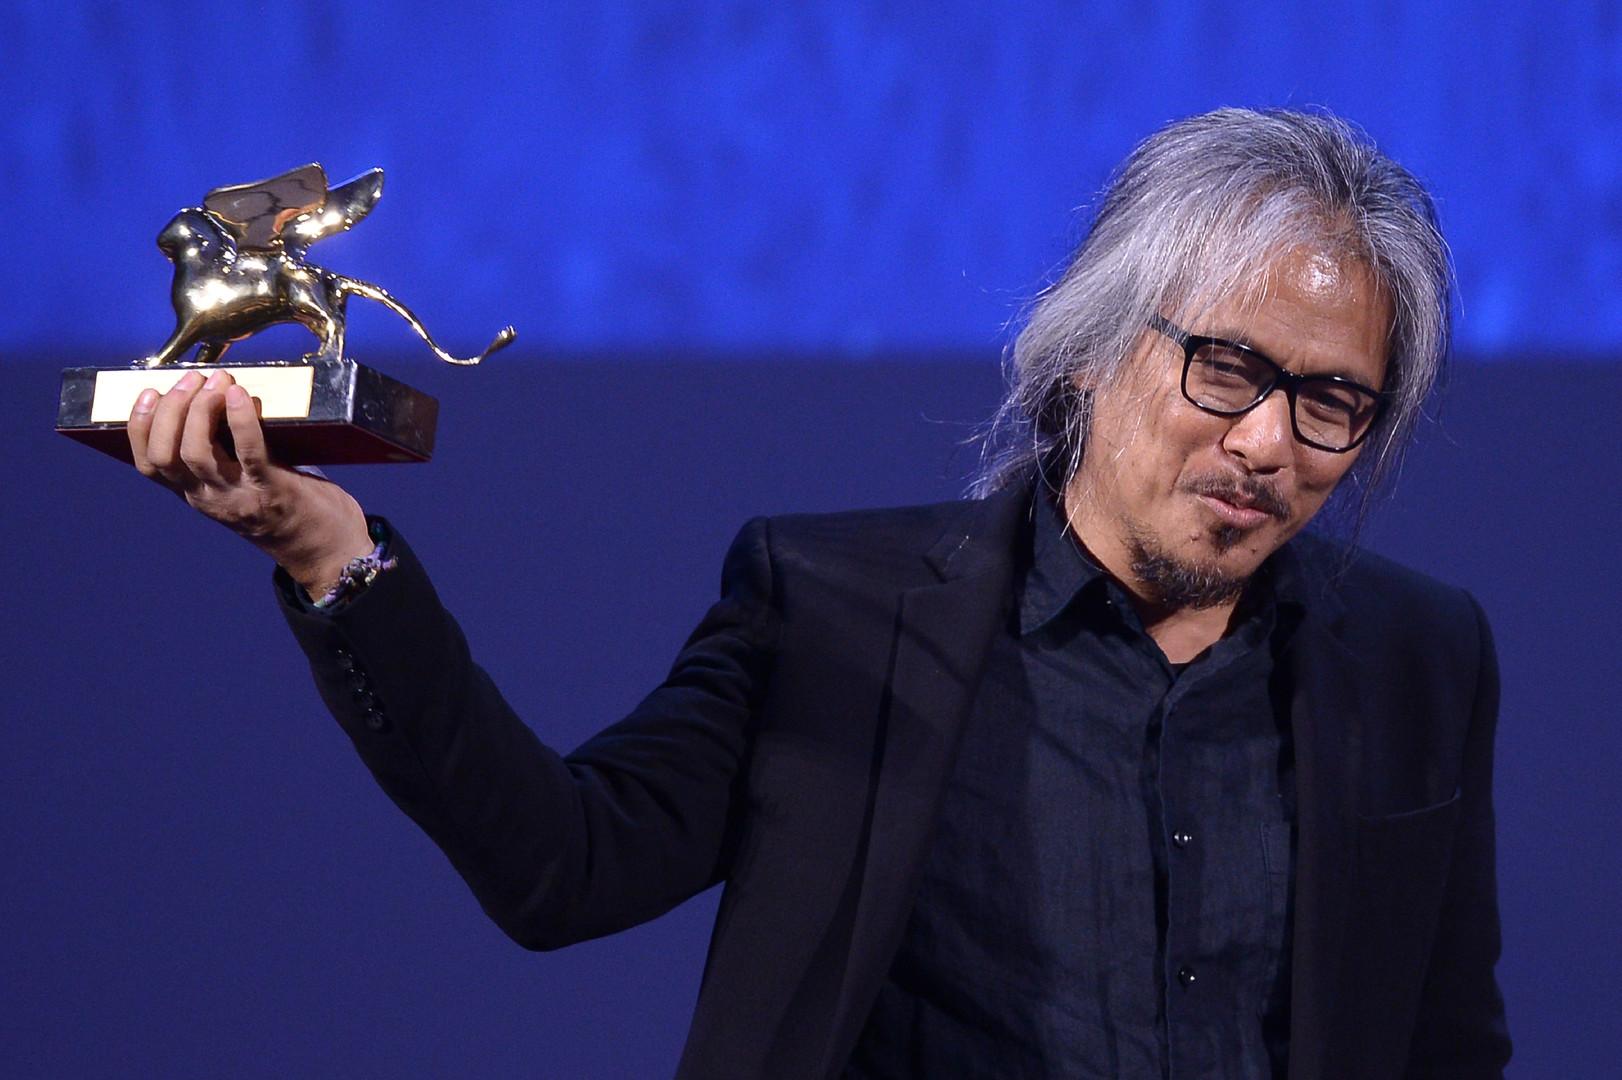 Филиппинский режиссёр Лав Диаc получил Золотого льва за «Женщину, которая ушла».